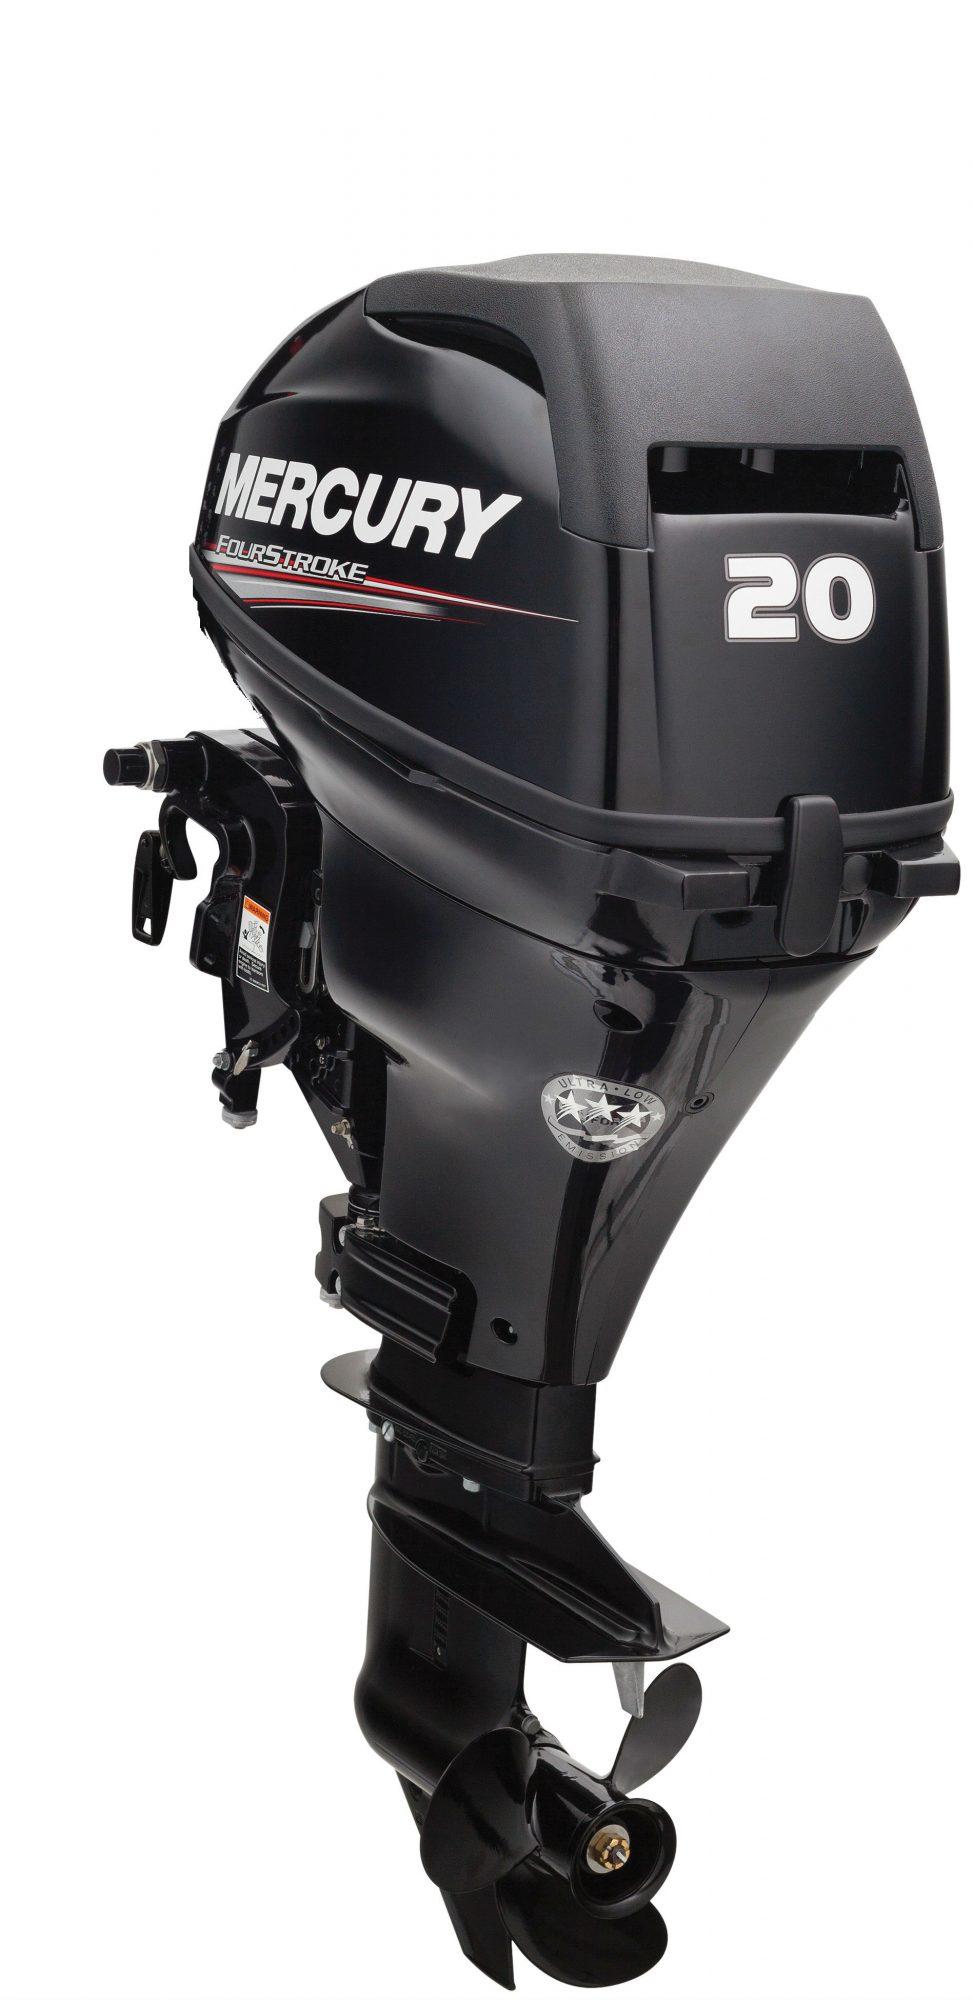 Лодочный мотор Mercury F20 ELPT